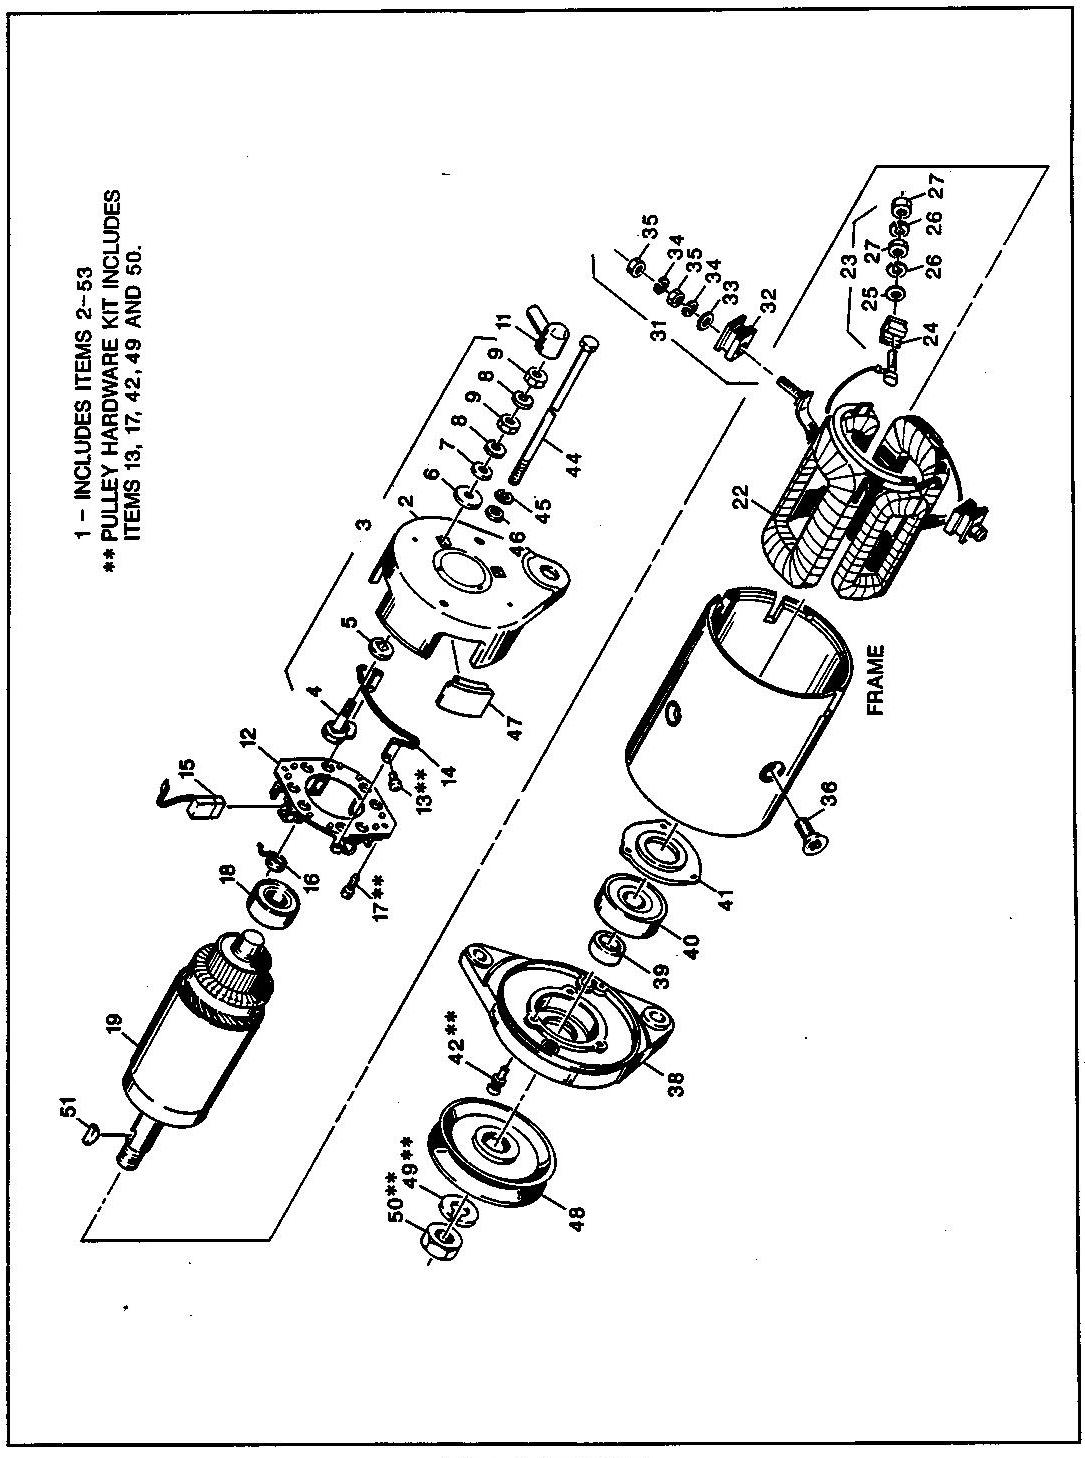 41_1989-1991 Gas Starter Generator